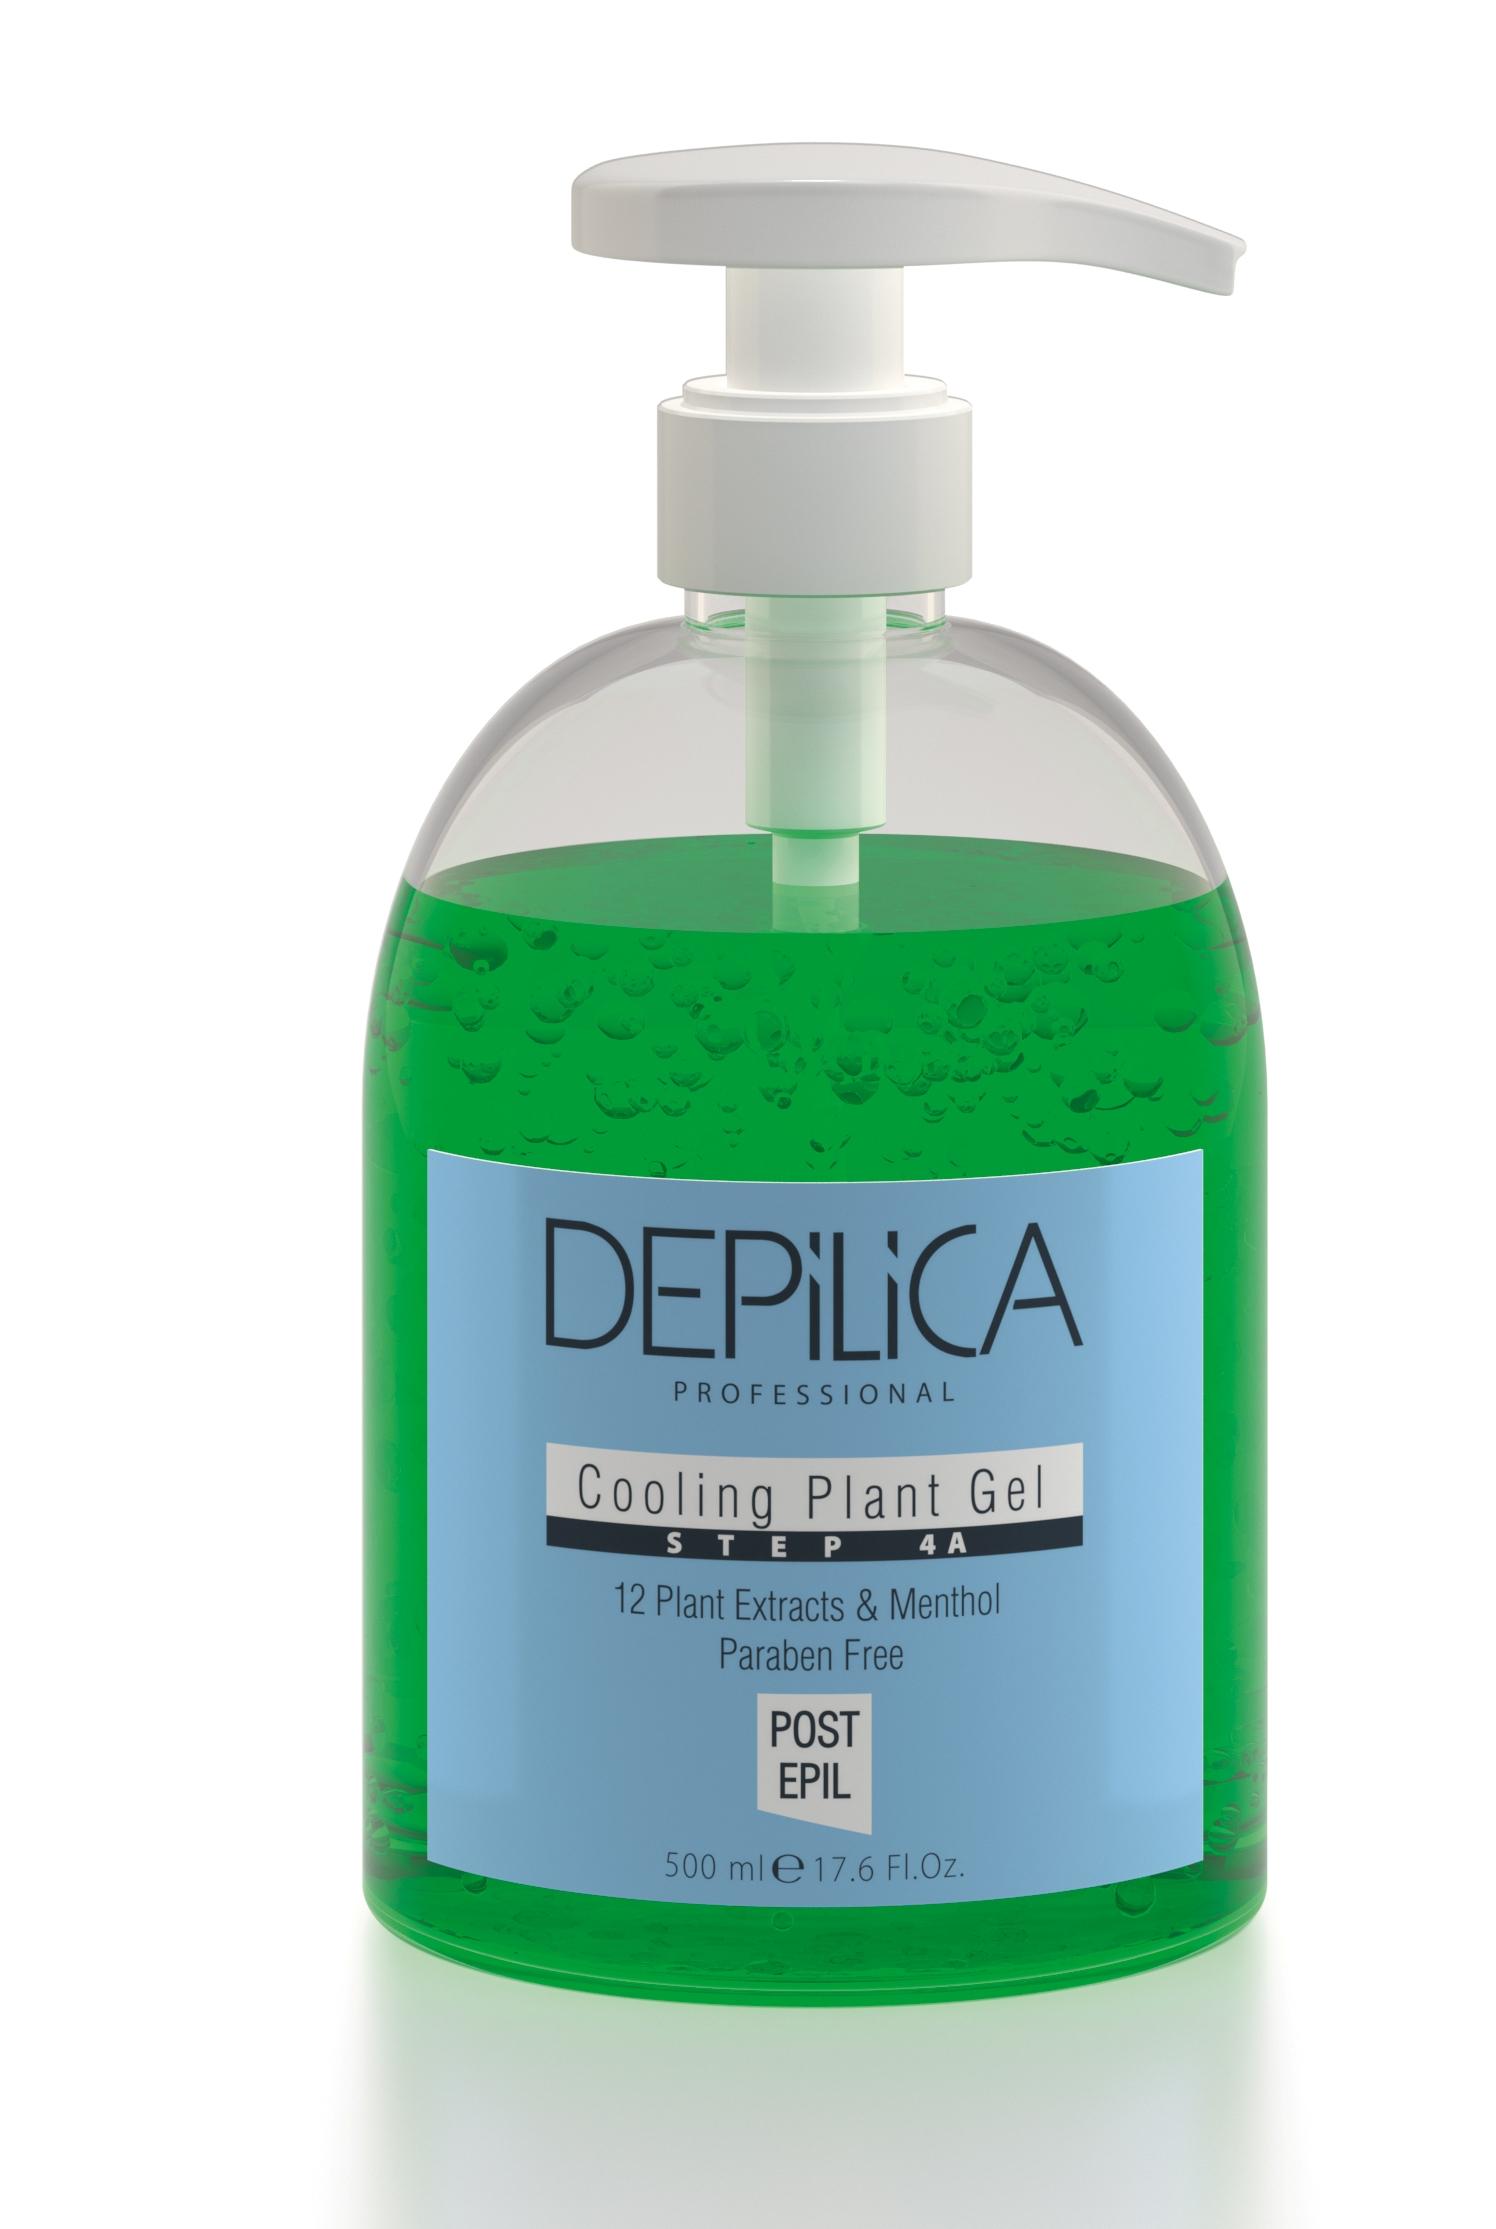 DEPILICA PROFESSIONAL Гель охлаждающий растительный Шаг 4А / Cooling Plant Gel Step 4A 500млГели<br>Содержит комплекс из 12 растительных экстрактов и ментола. Успокаивает и охлаждает кожу после удаления волос, устраняет дискомфорт, предотвращает покраснения и раздражения. Обладает гелевой текстурой. Идеален даже для чувствительной кожи.<br><br>Вид средства для тела: Охлаждающий<br>Типы кожи: Чувствительная